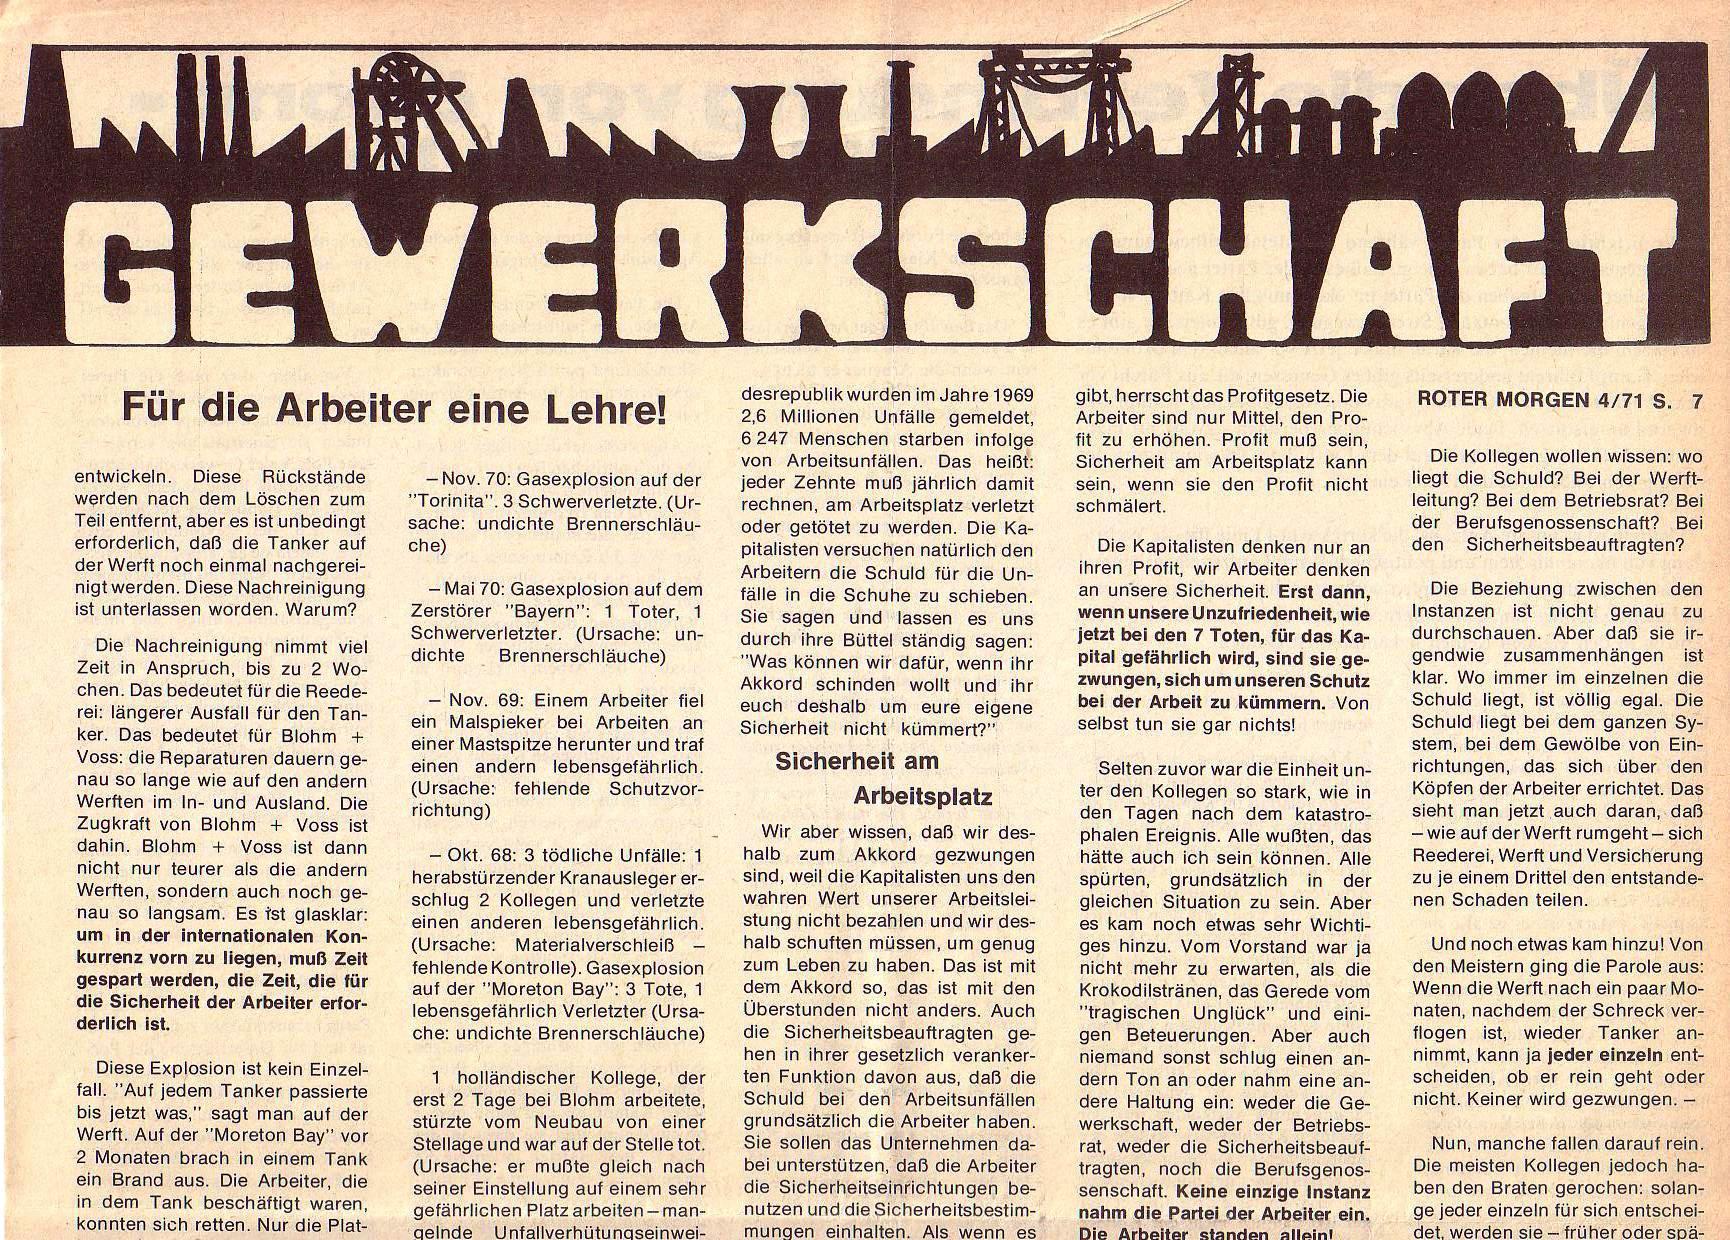 Roter Morgen, 5. Jg., April 1971, Nr. 4, Seite 7a